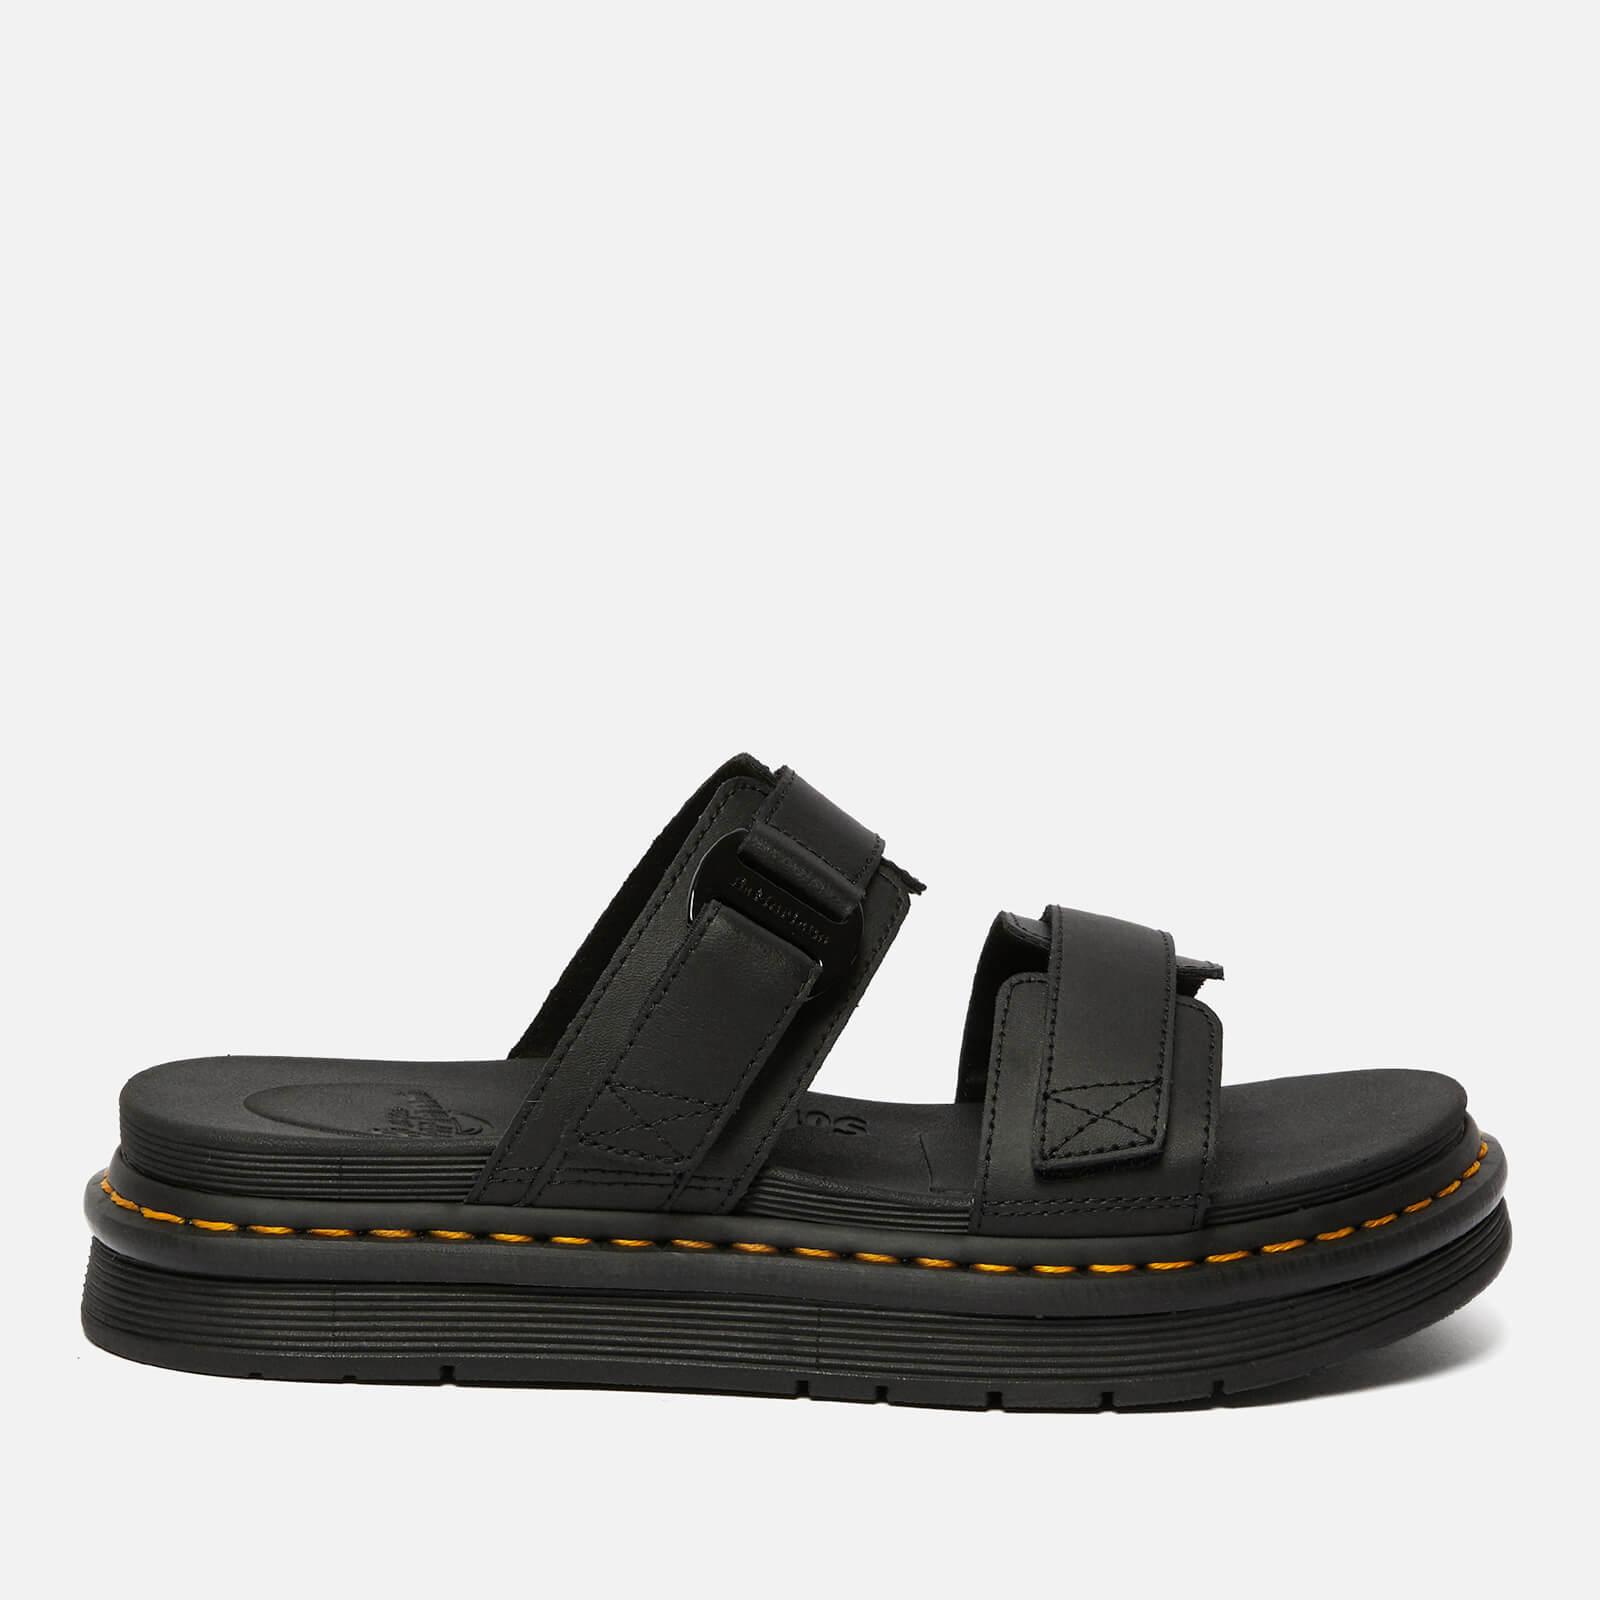 Dr. Martens Men's Chilton Hydro Leather Sandals - Black - UK 7